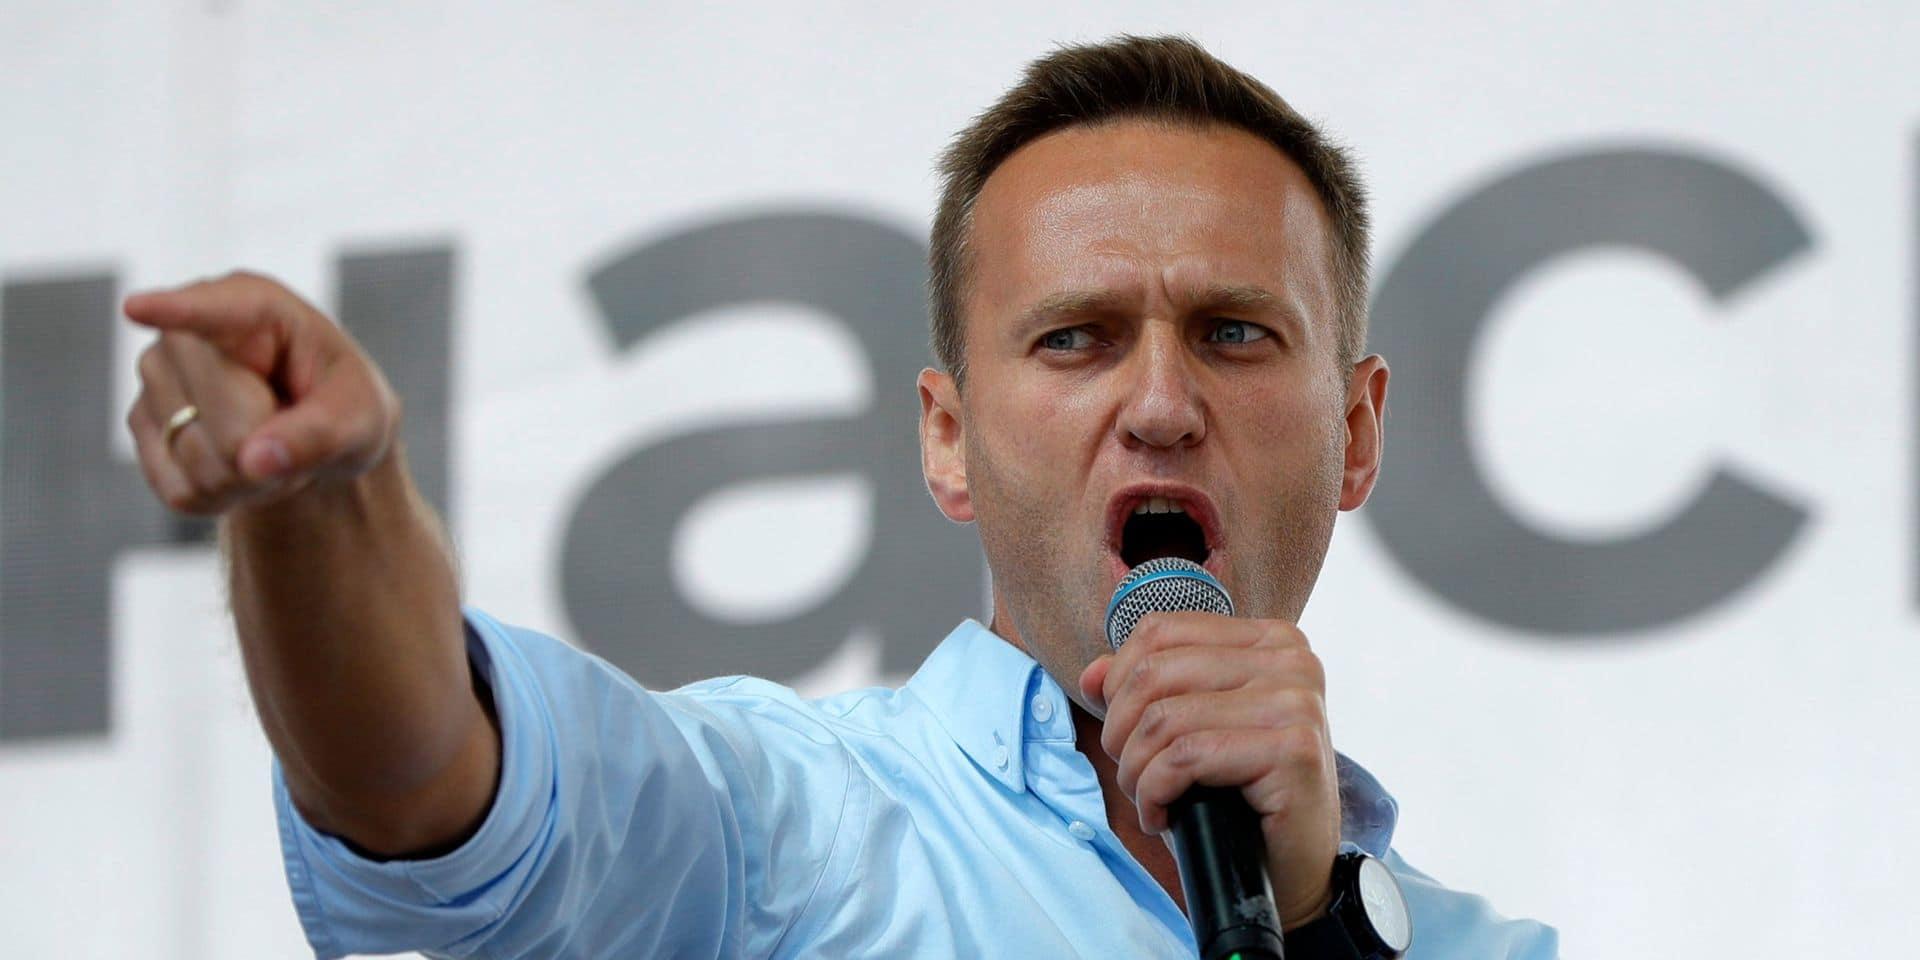 L'opposant russe Navalny sera jugé ce mercredi pour diffamation